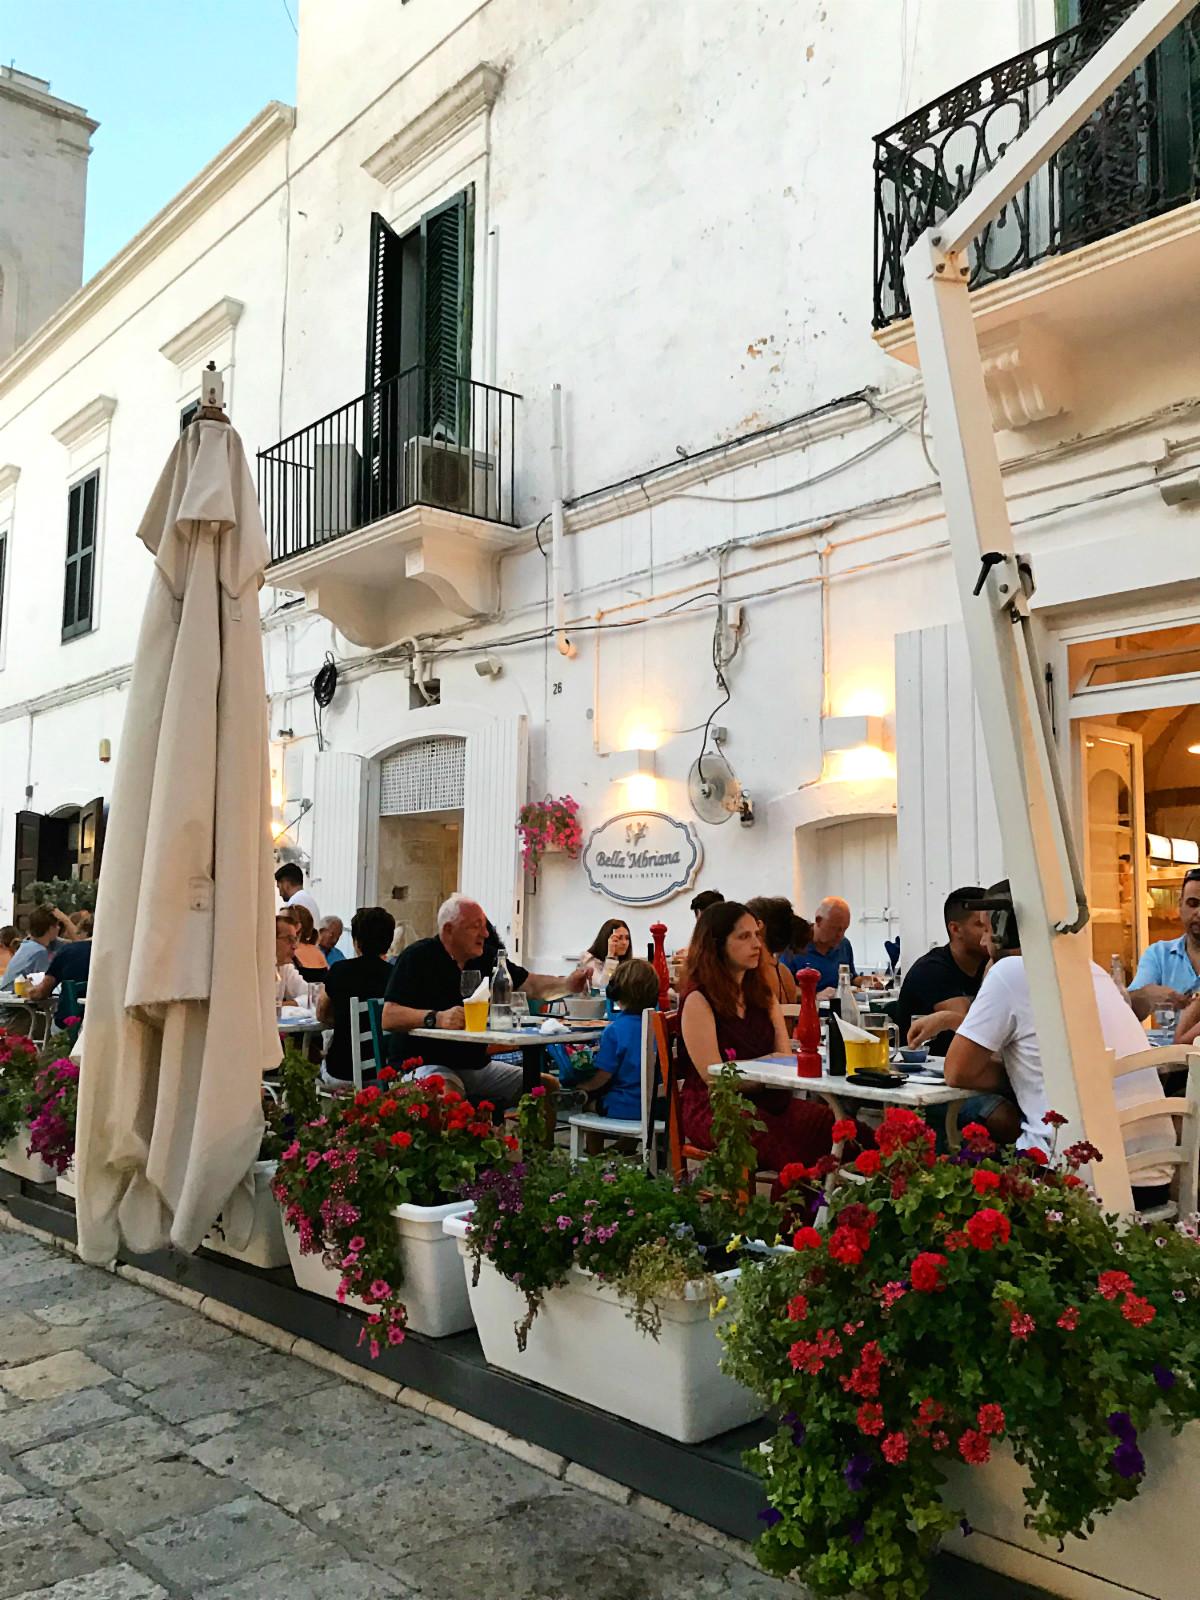 Отдых в Апулии: ресторан Bella 'Mbriana в Полиньяно-а-Маре